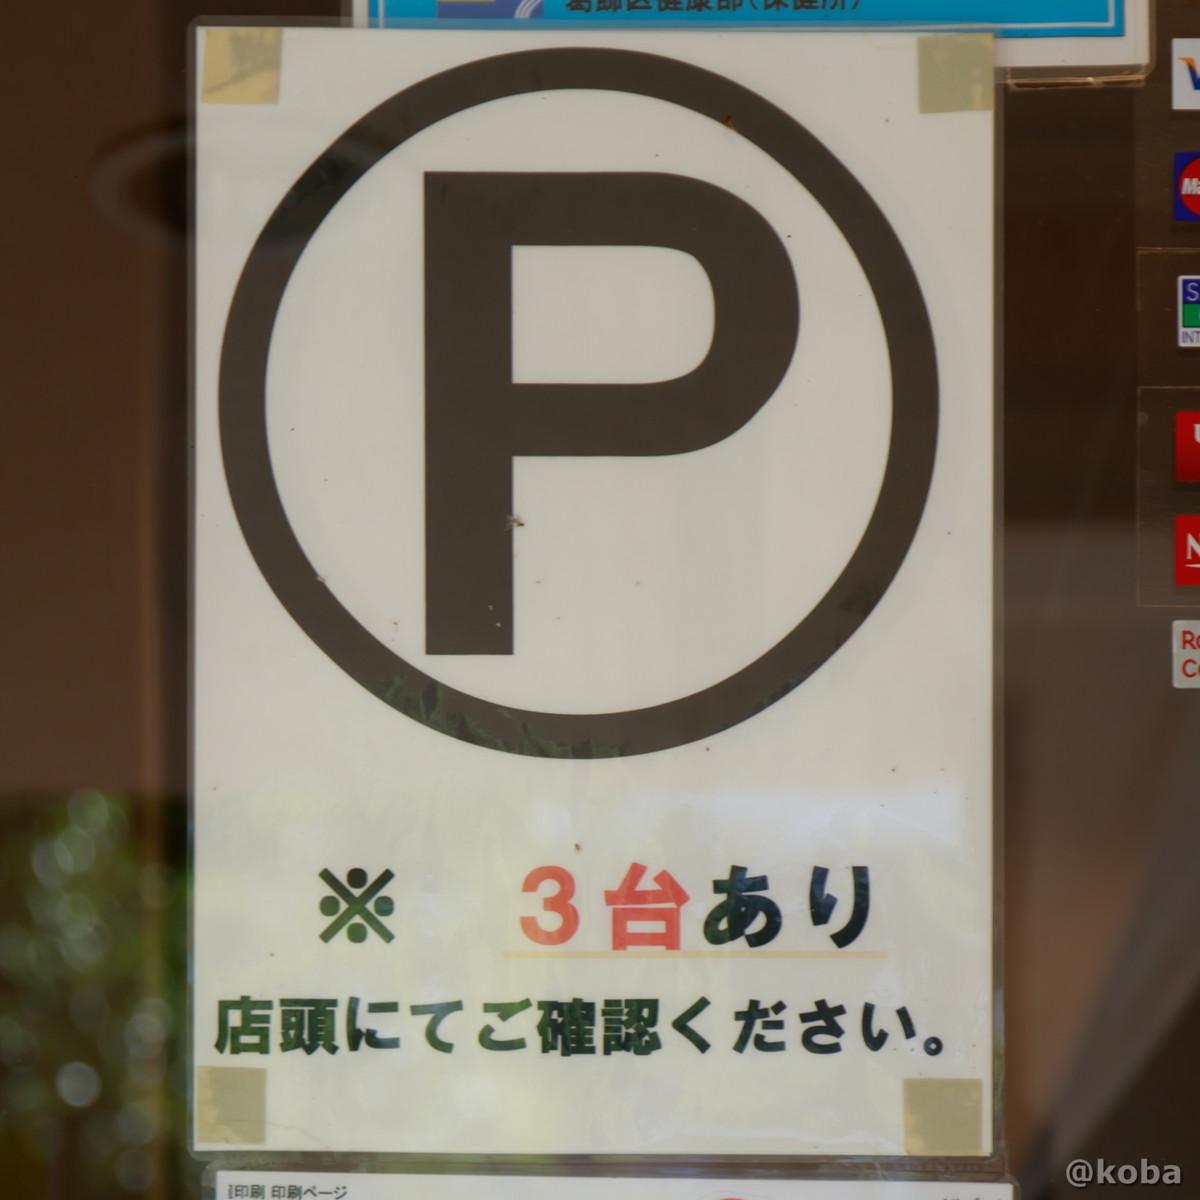 駐車場3台有りの写真|天ぷら割烹 うさぎ(テンプラカッポウ ウサギ)和食ランチ 食事処|東京都葛飾区・京成青砥駅